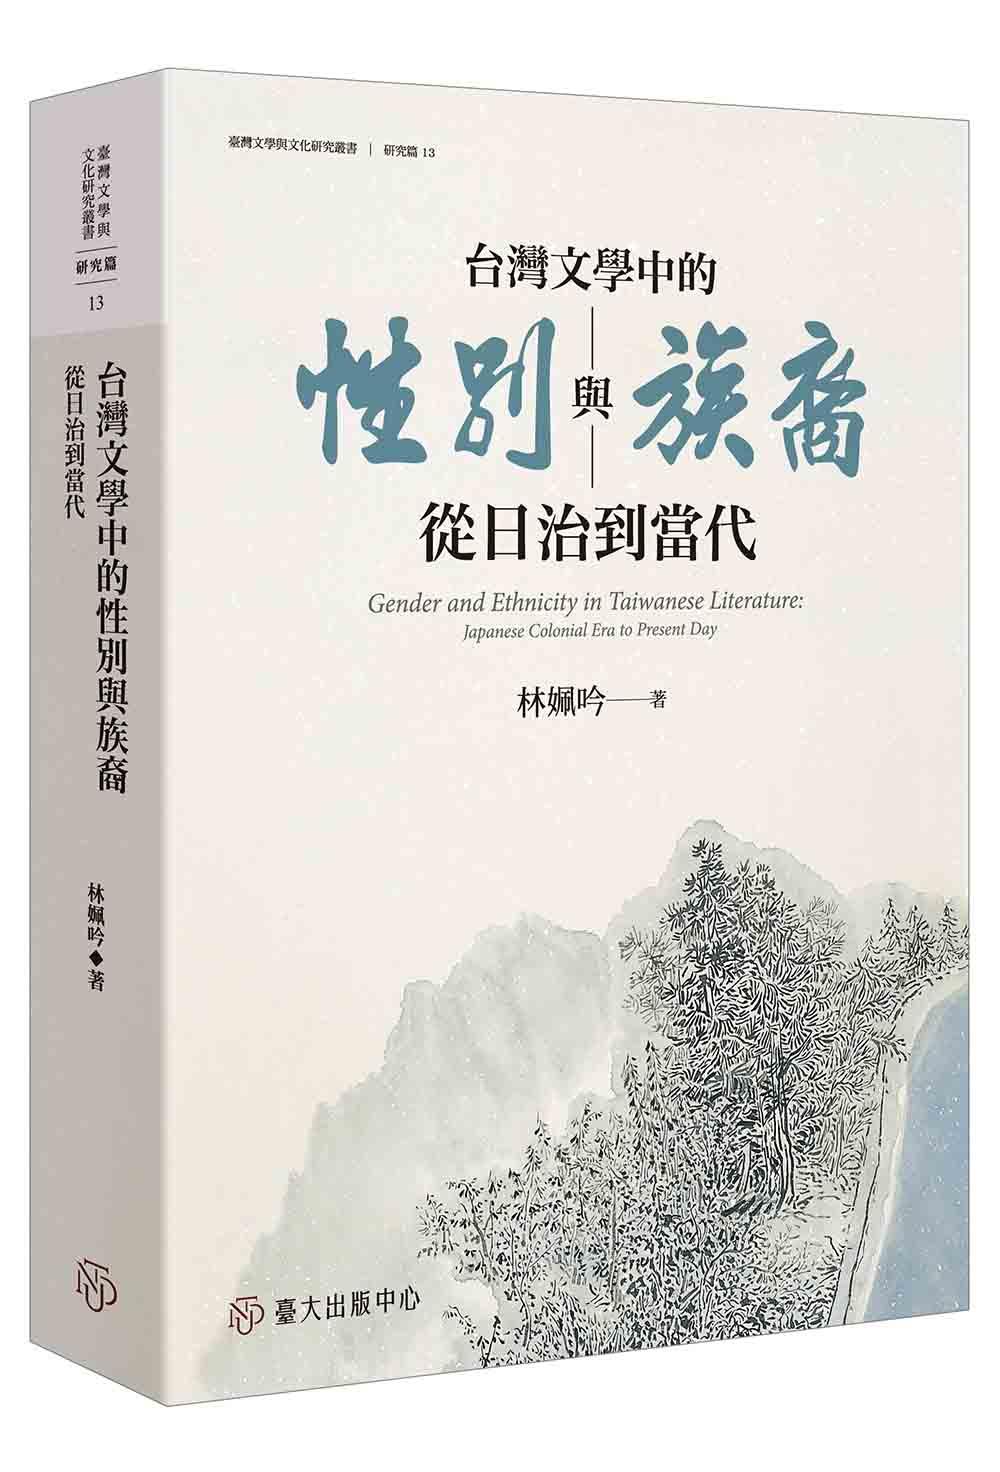 台灣文學中的性別與族裔──從日治到當代